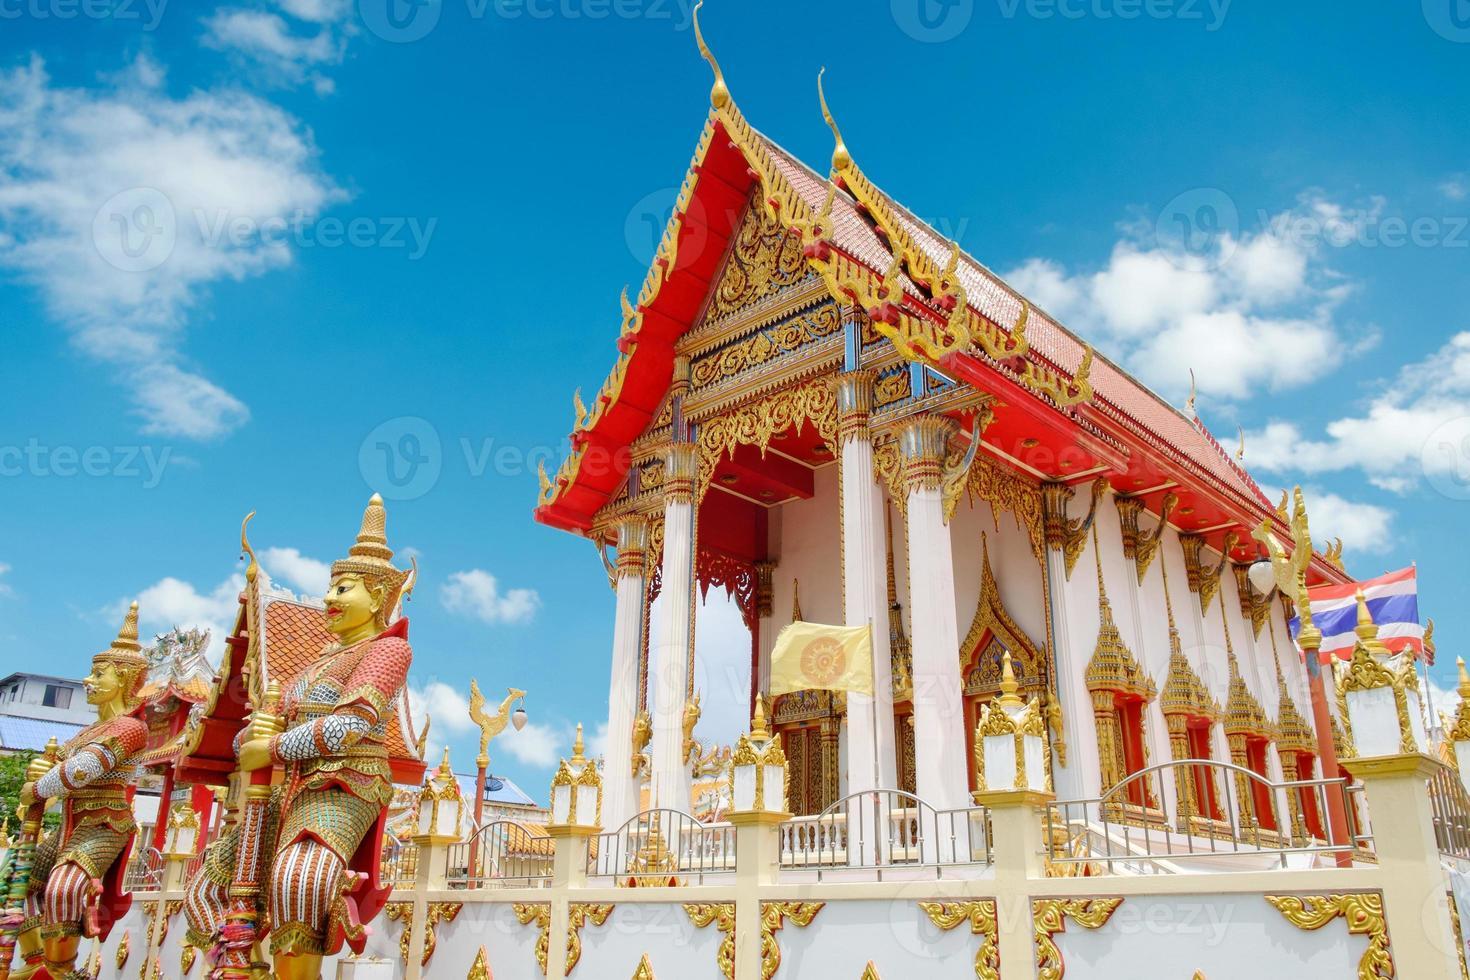 wat samakhitham openbare tempel in Bangkok Thailand foto